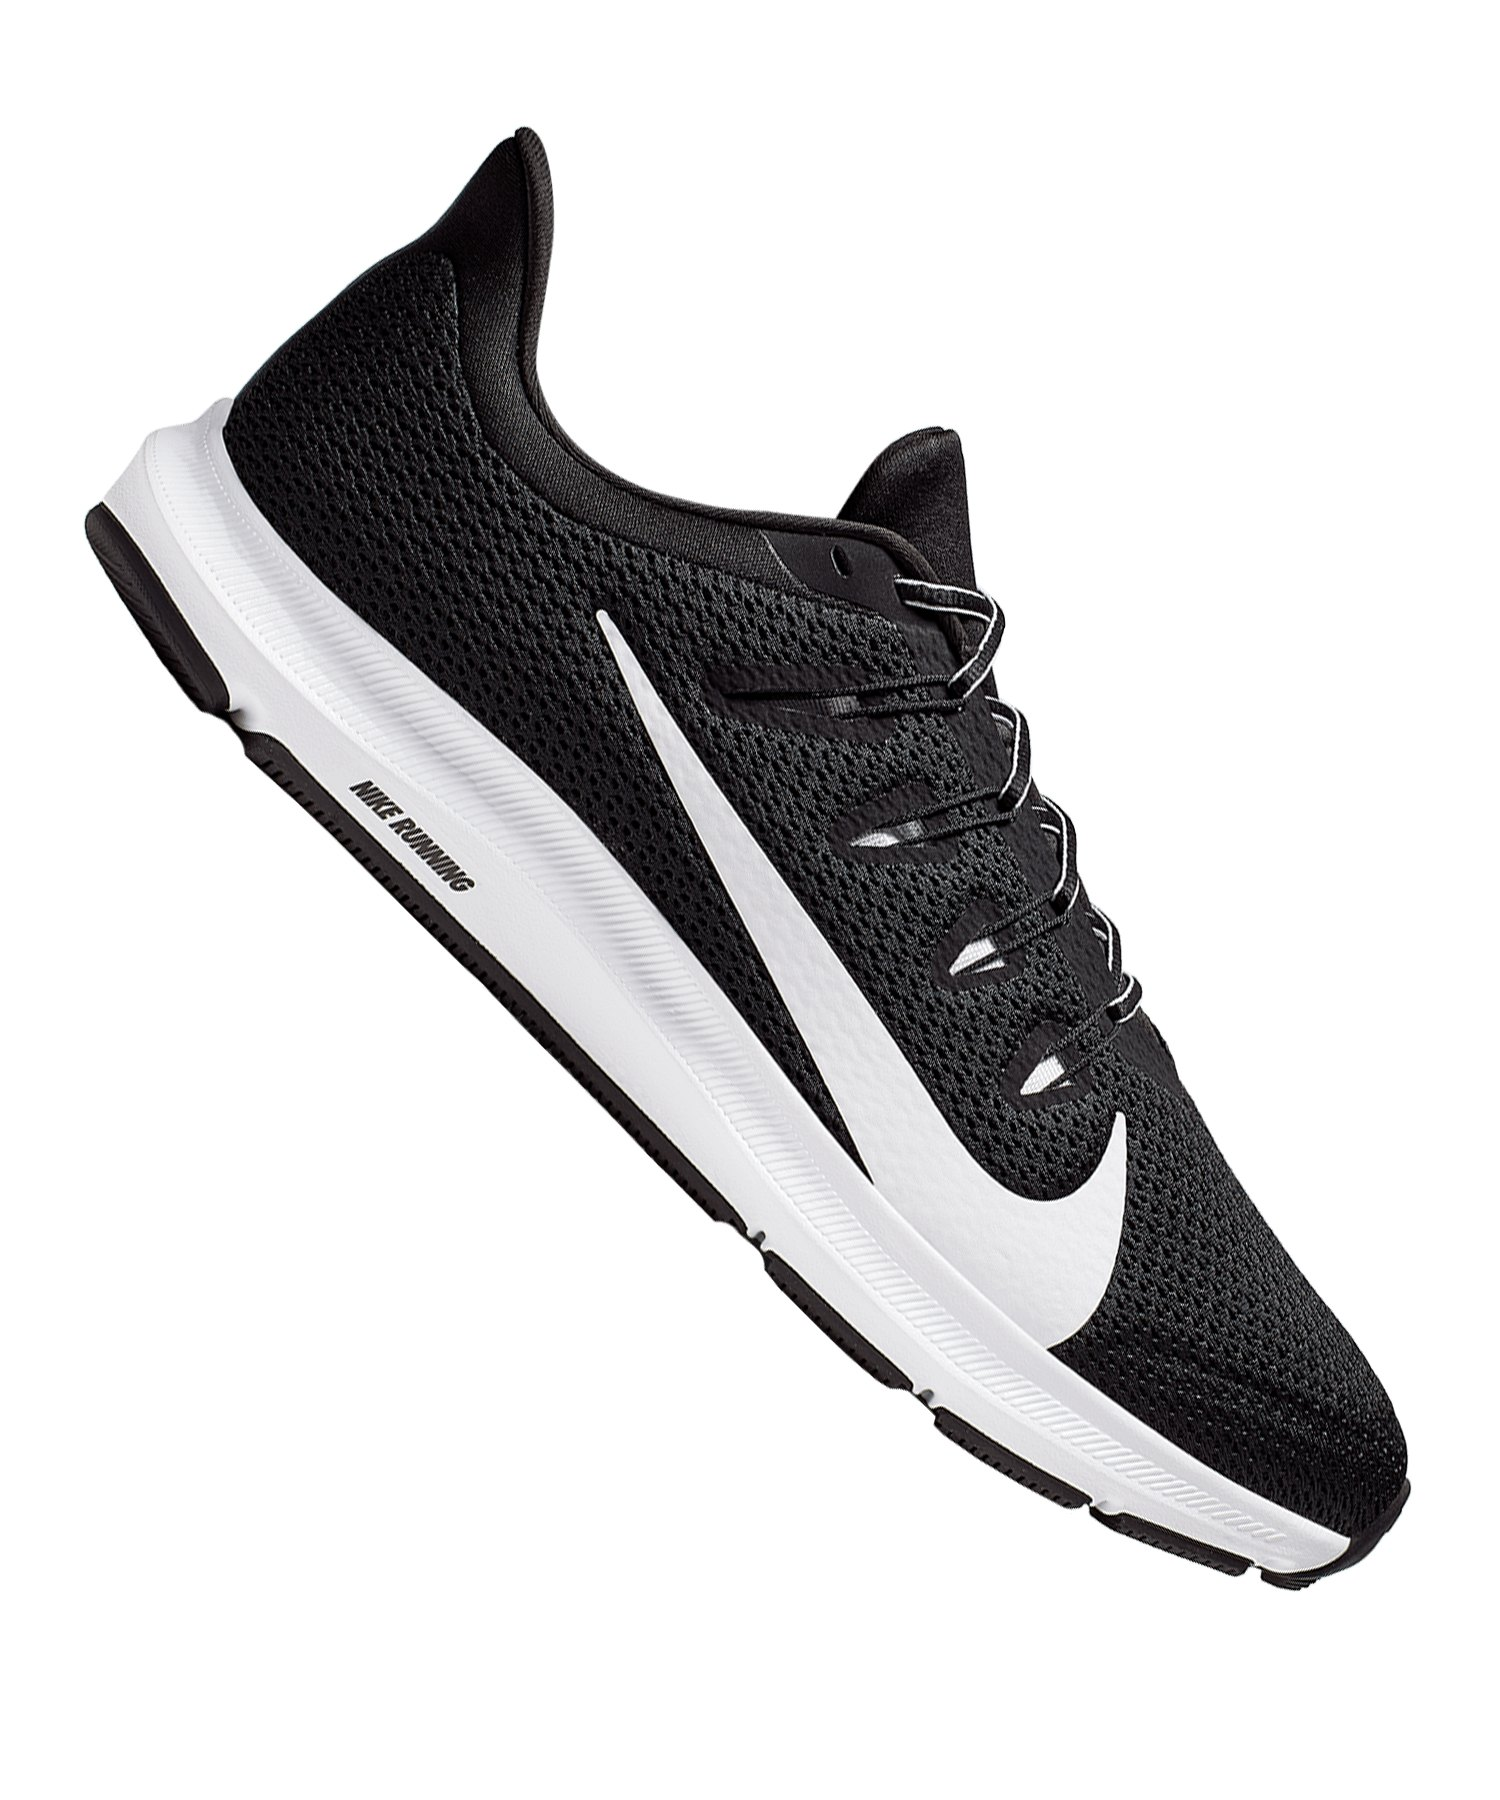 Nike Quest 2 Running Schwarz Weiss F002 - schwarz